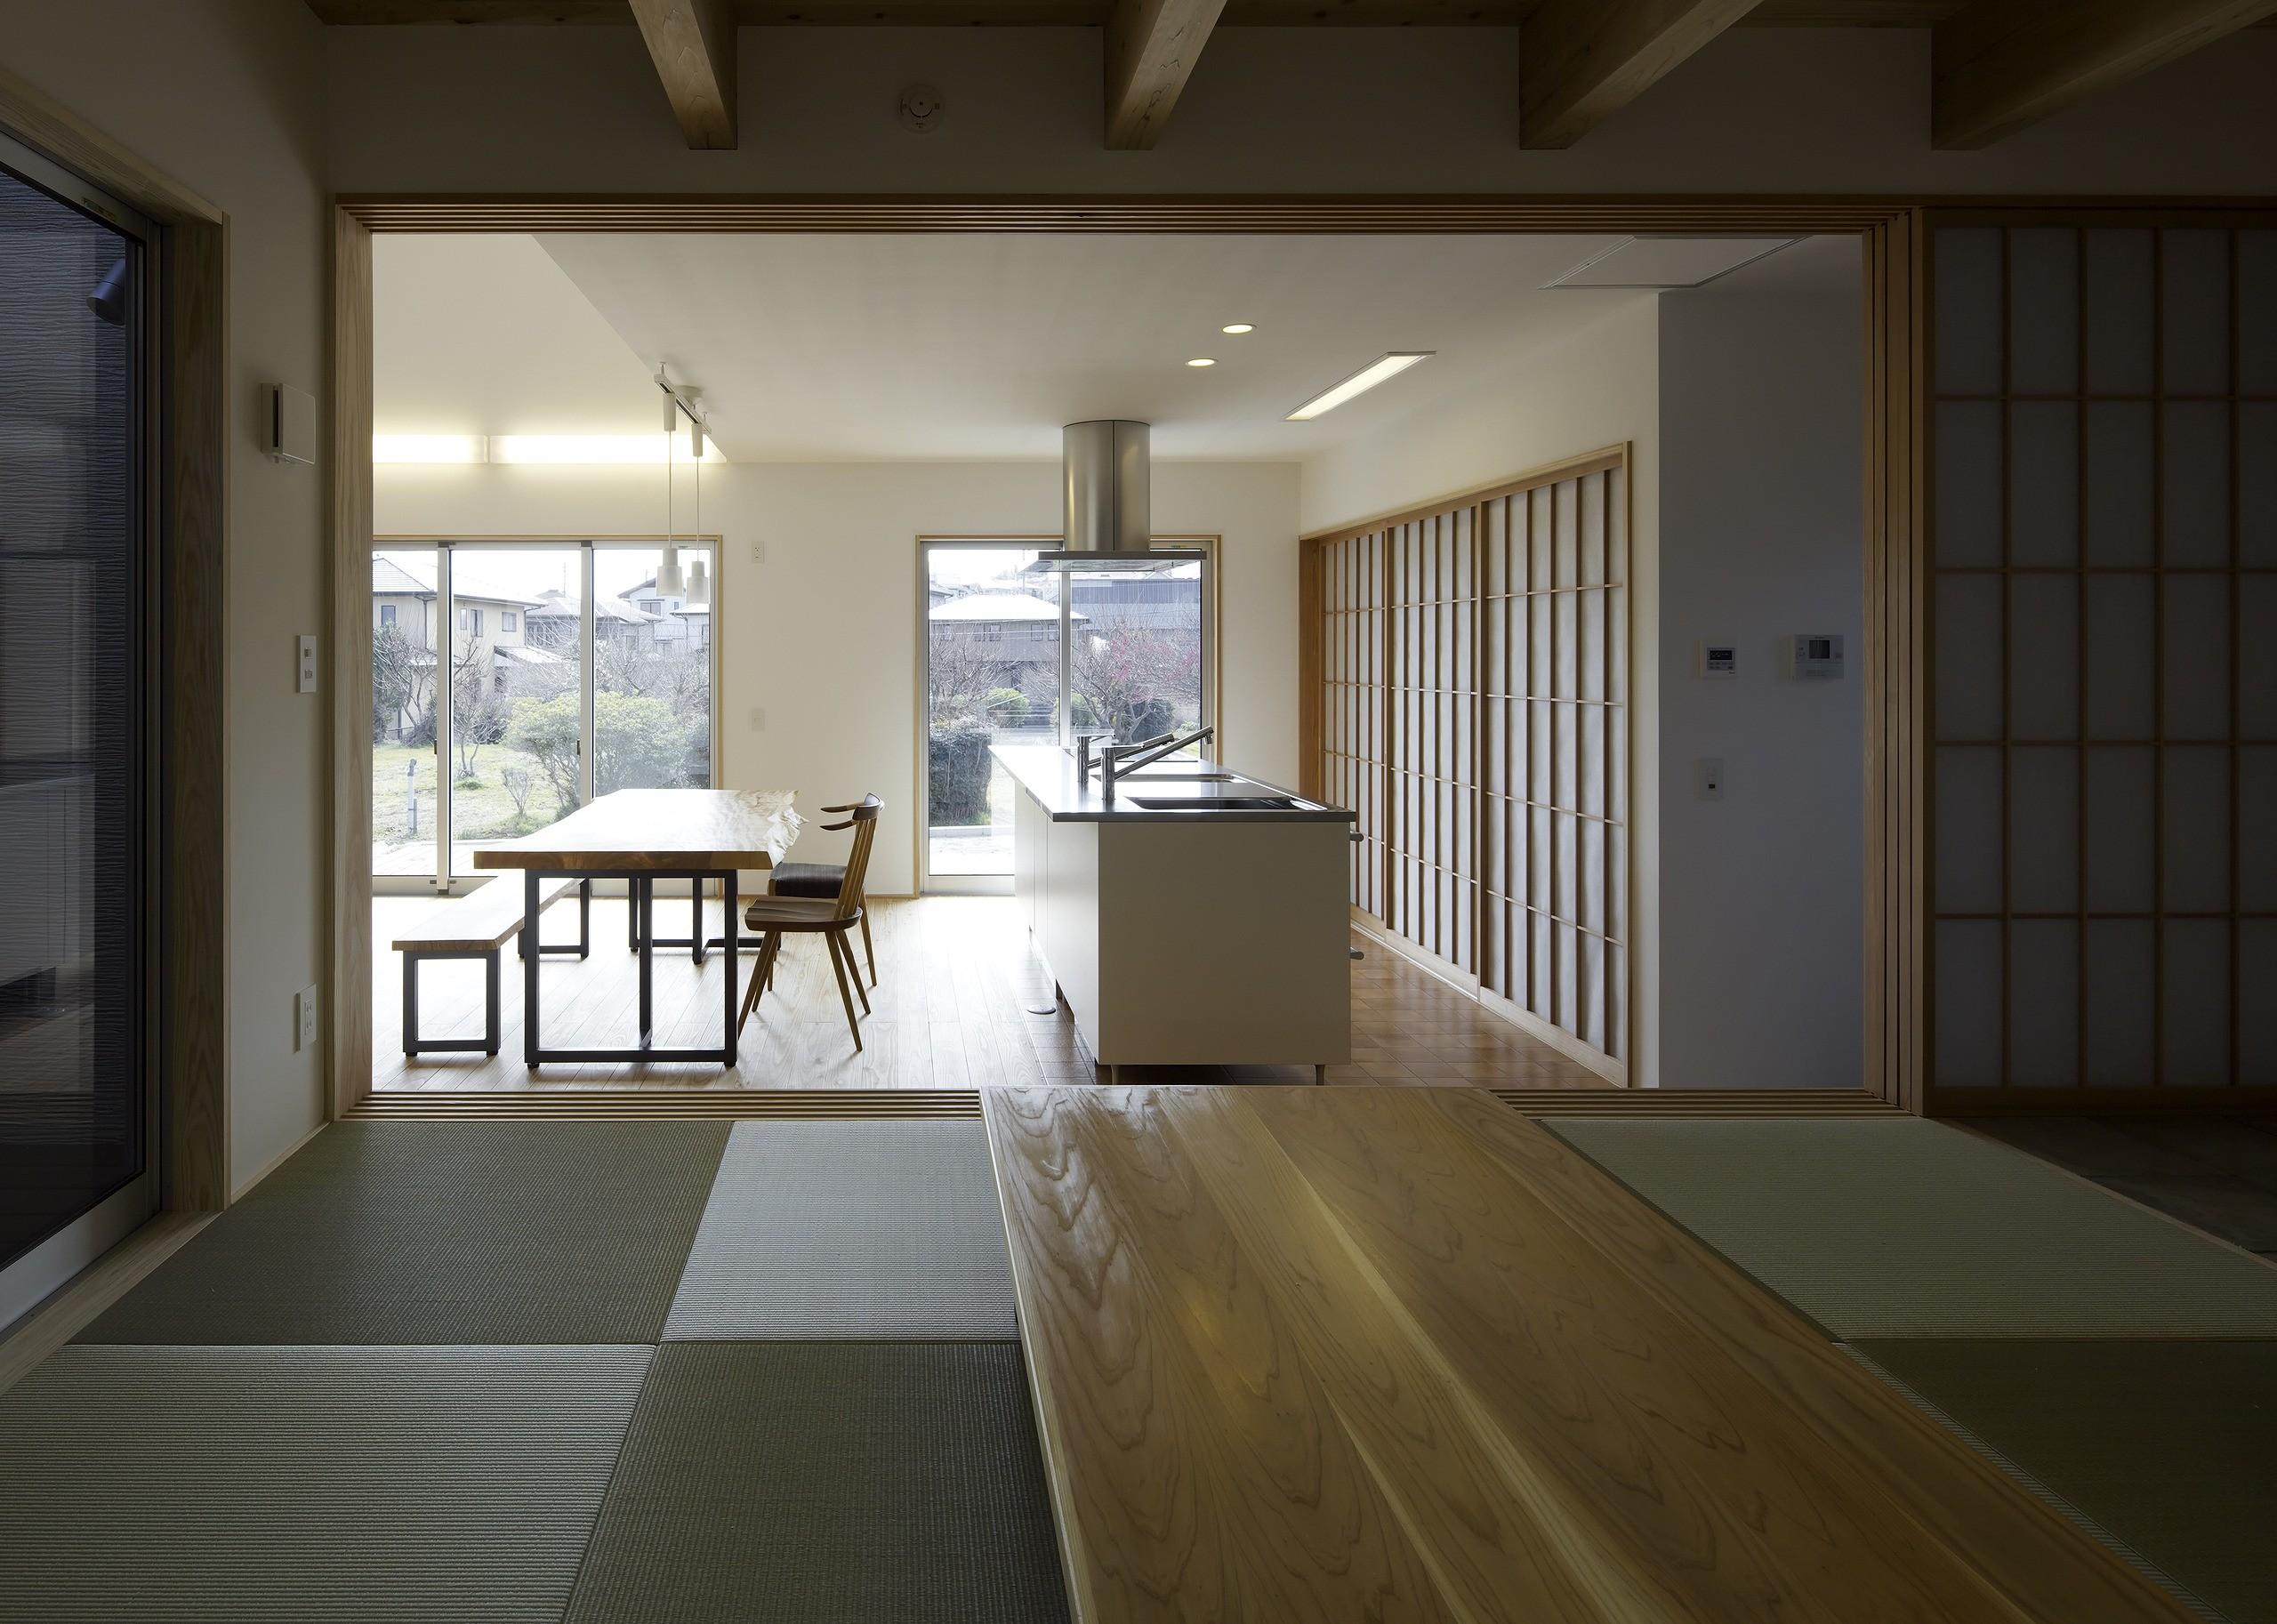 キッチン事例:小上りになった和室からDKを見る。シンクの背面の障子の中には食器棚と冷蔵庫を収納してます。(「ひかりヶ丘の家」~借景を楽しむ和モダンなスキップフロアーの家)